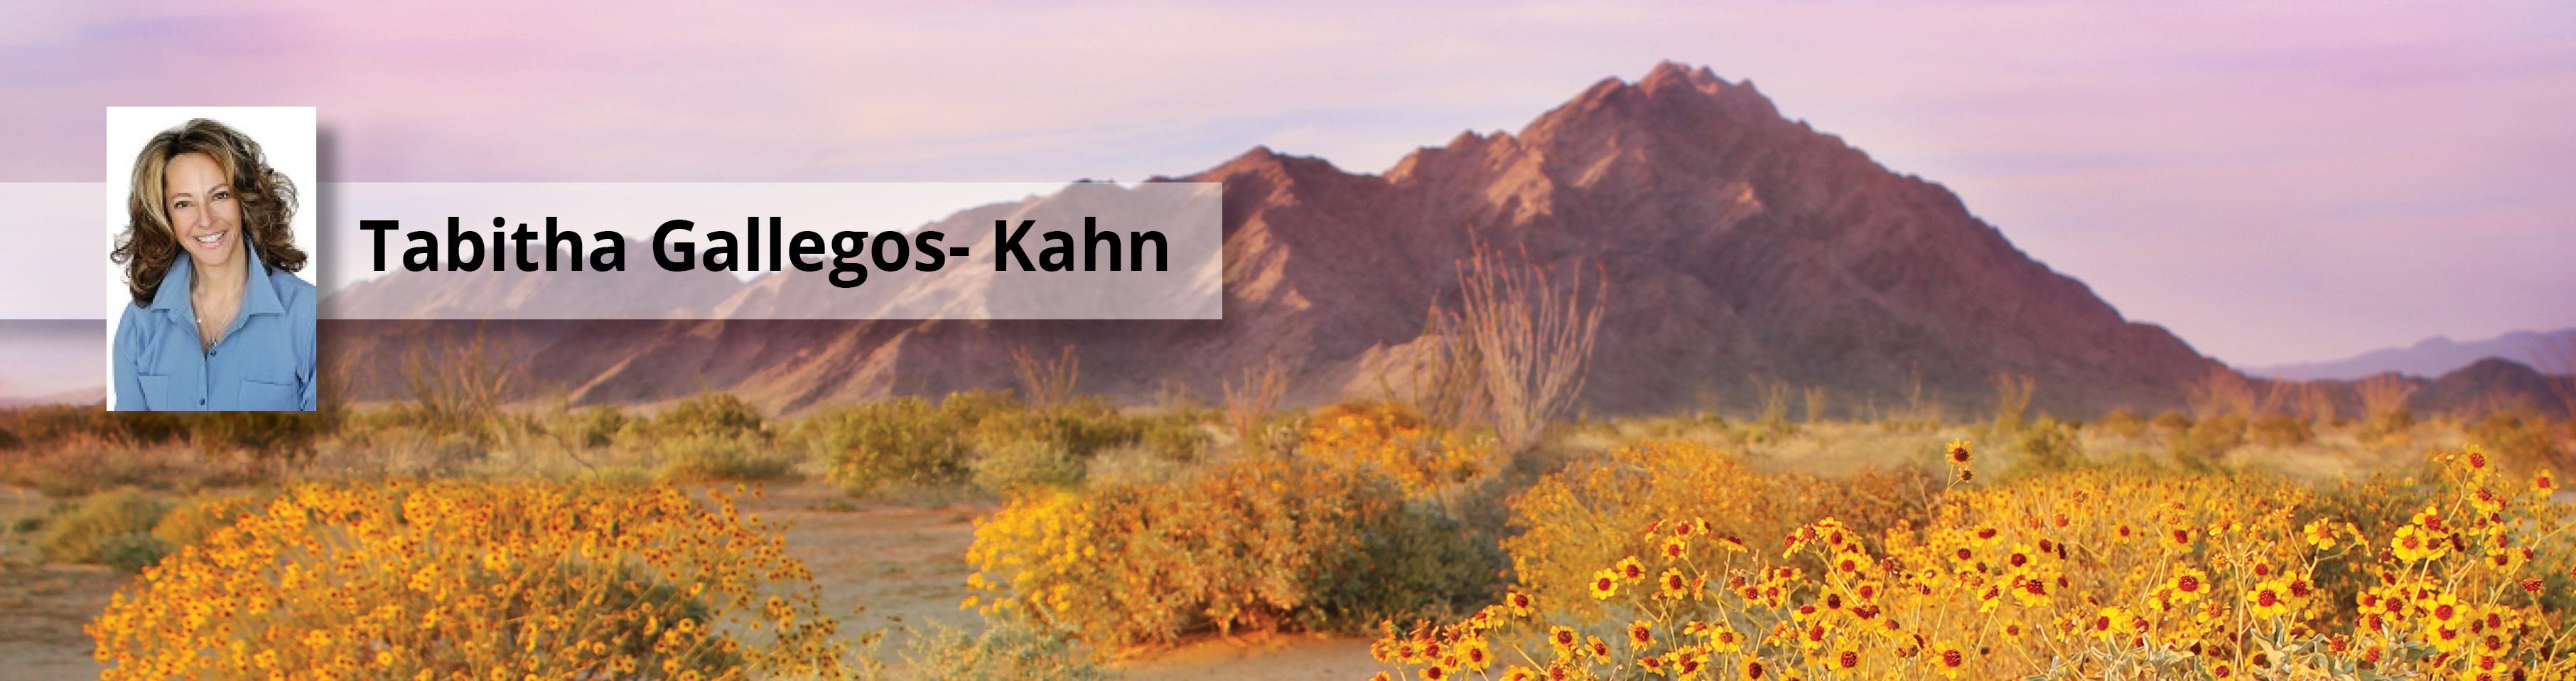 Tabitha Gallegos-Kahn Photo Banner